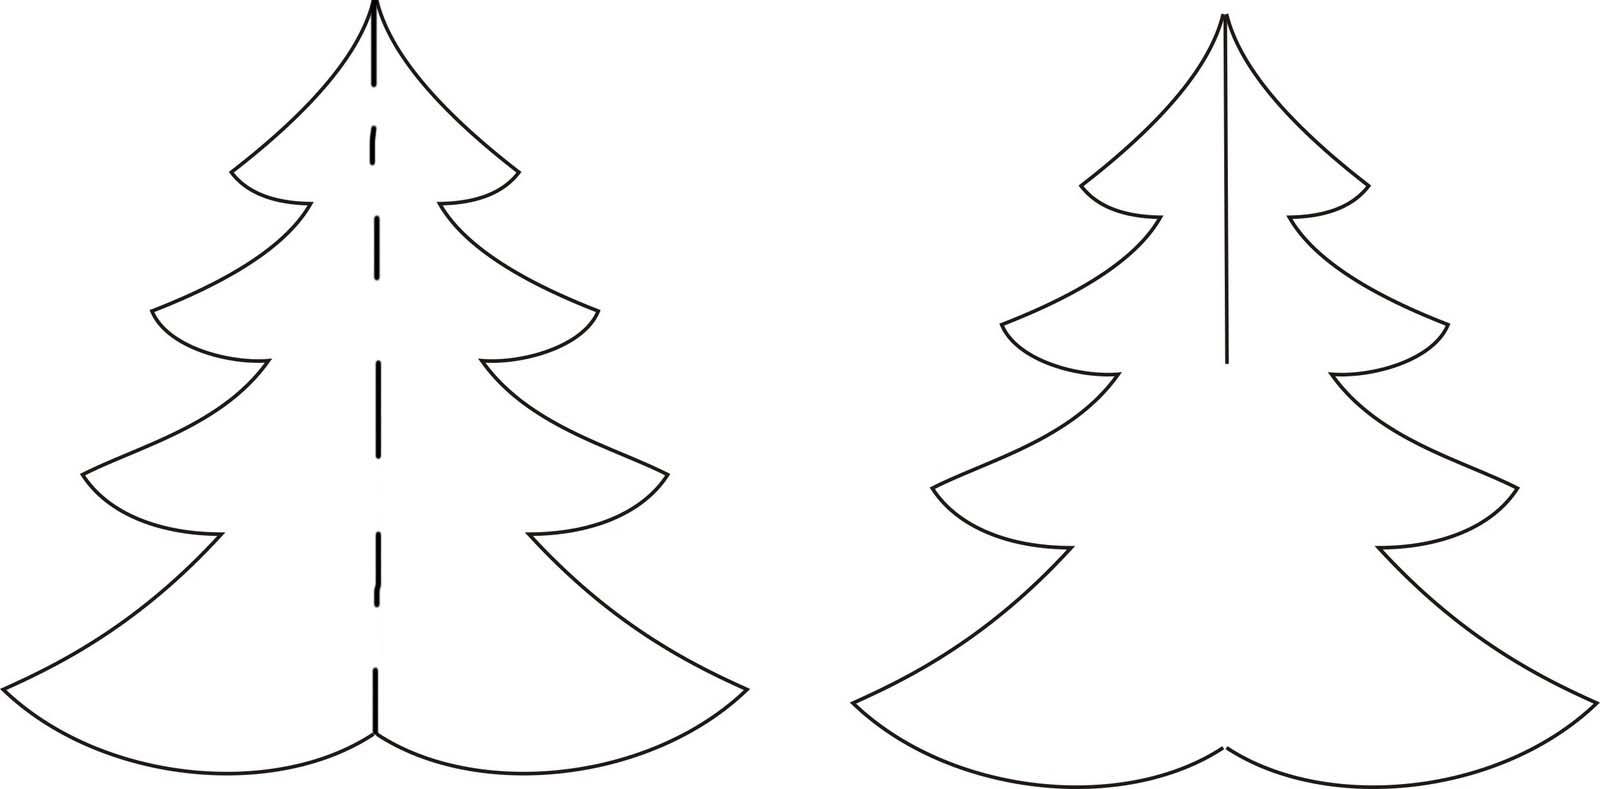 Своими, шаблоны новогодней елки для вырезания из бумаги распечатать